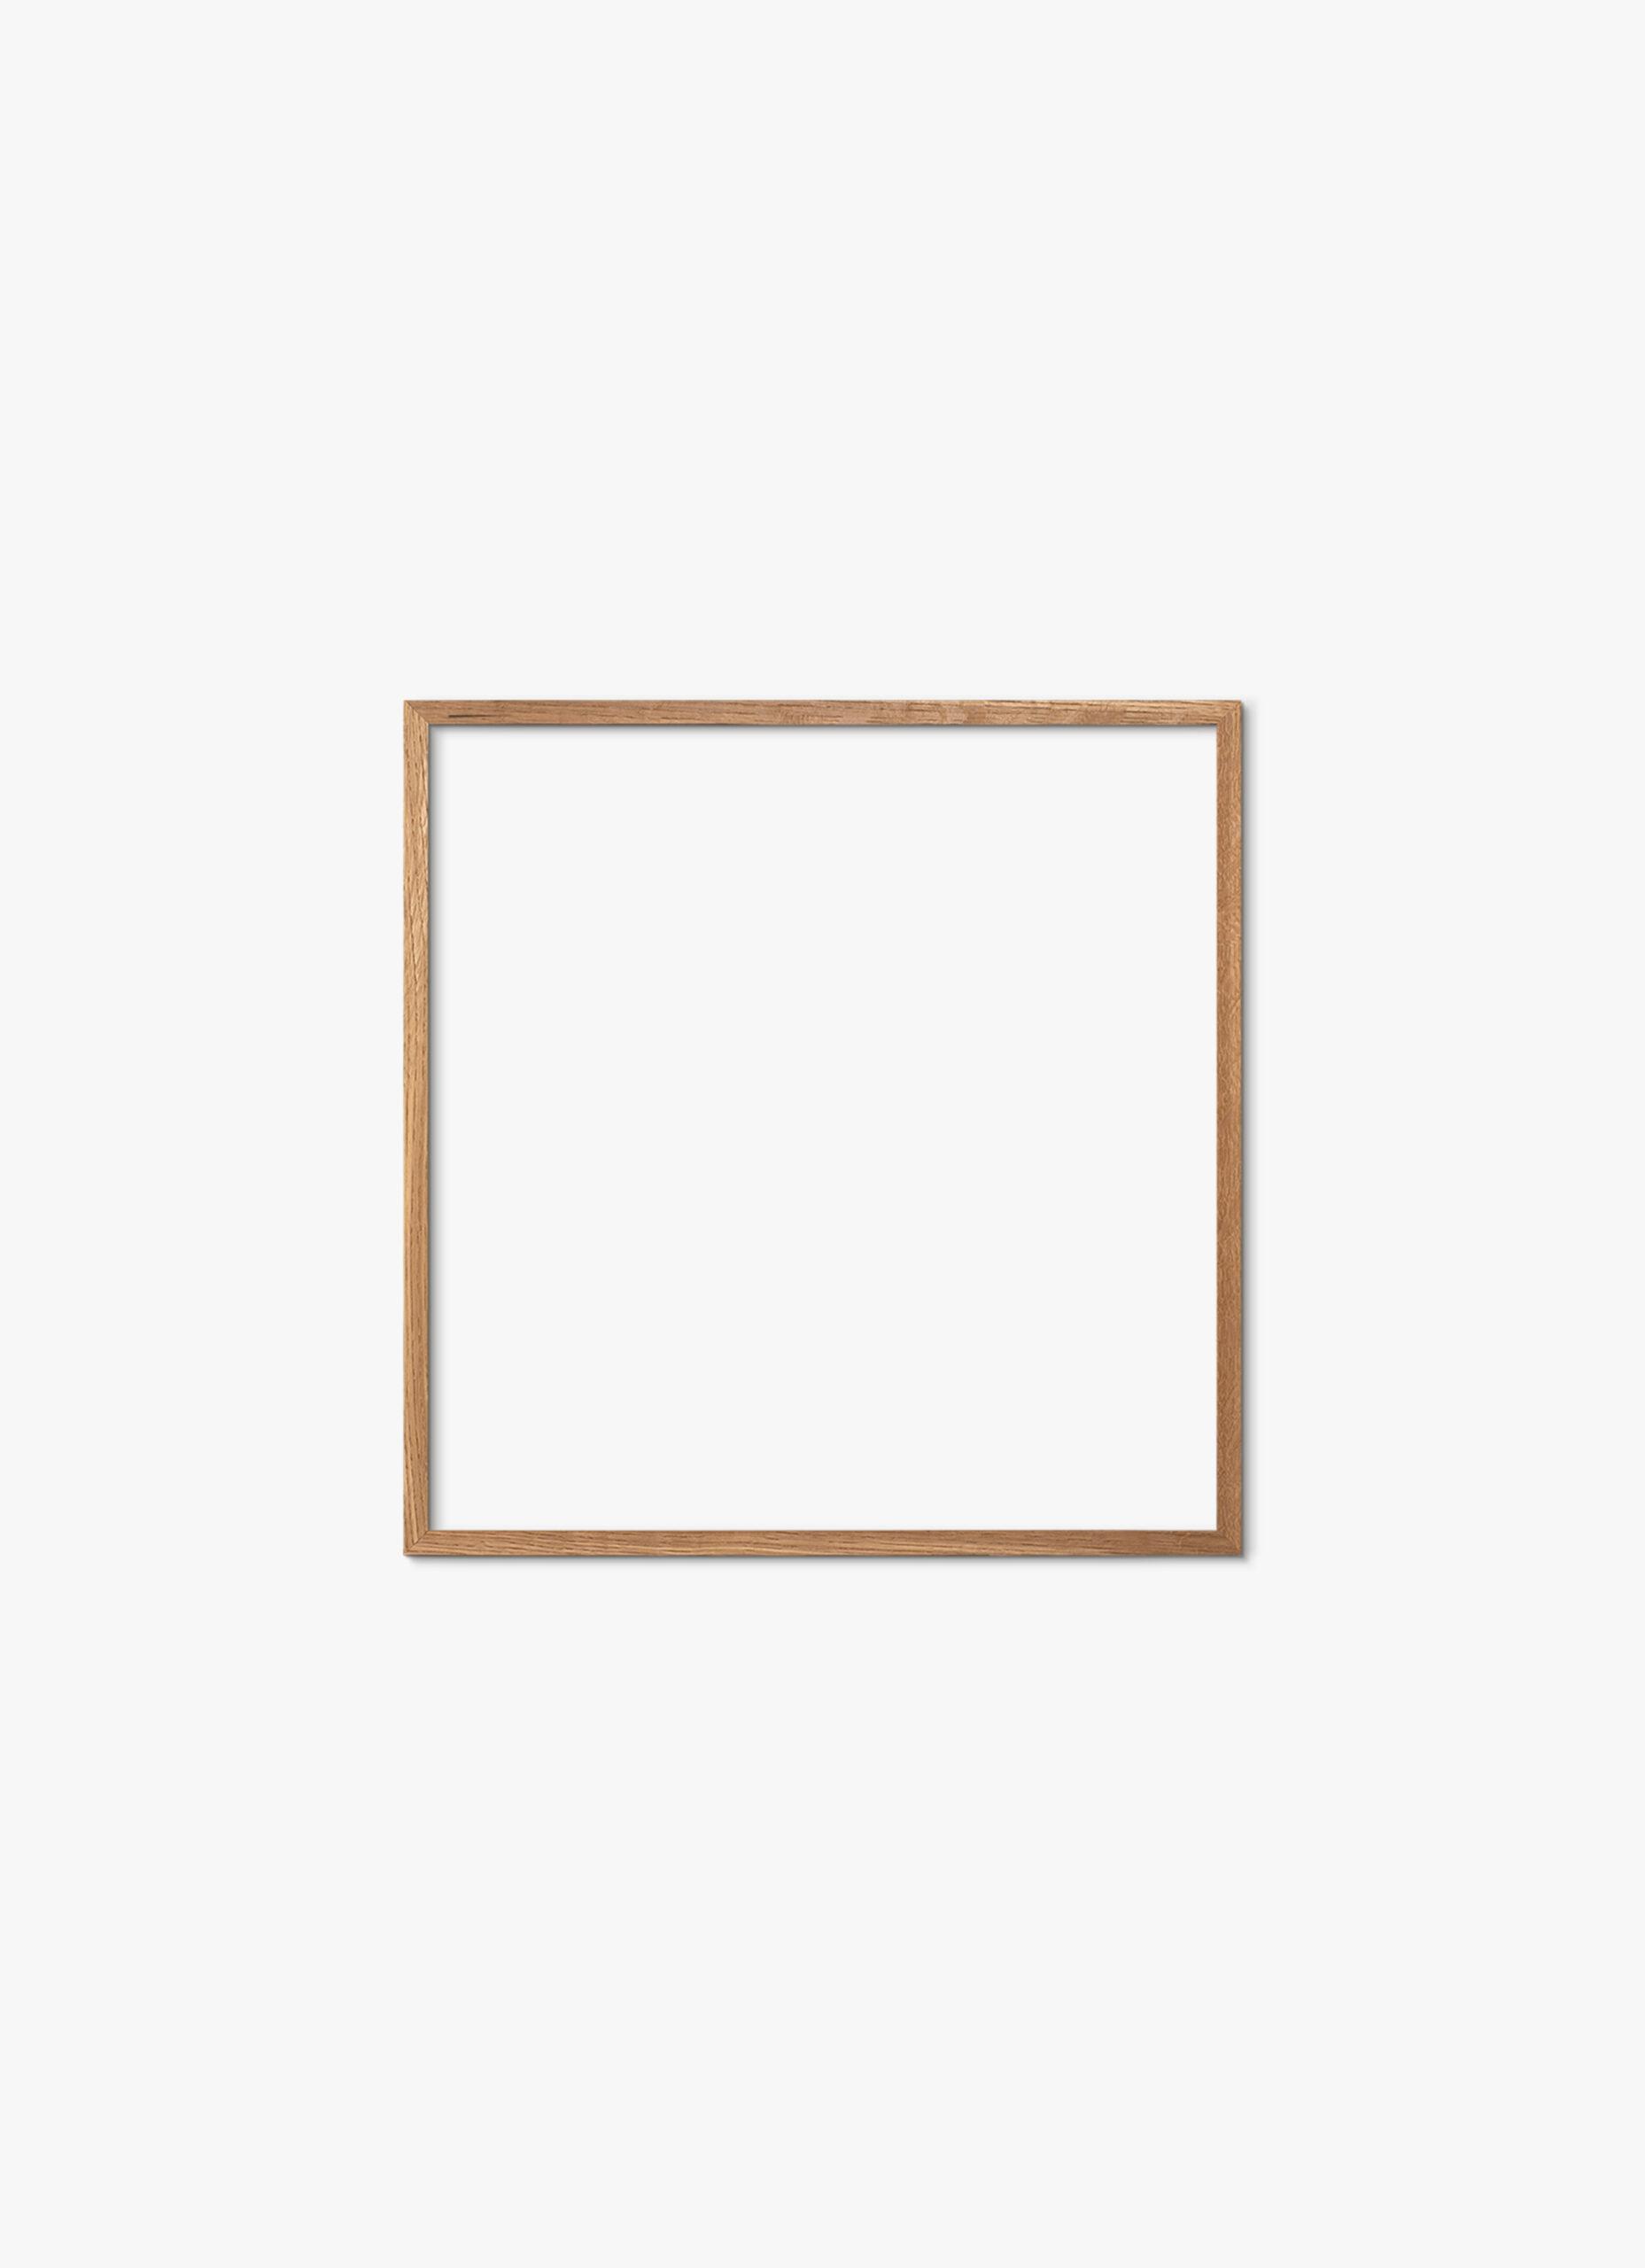 Solid Oak Frame - Natural - 50x50 cm